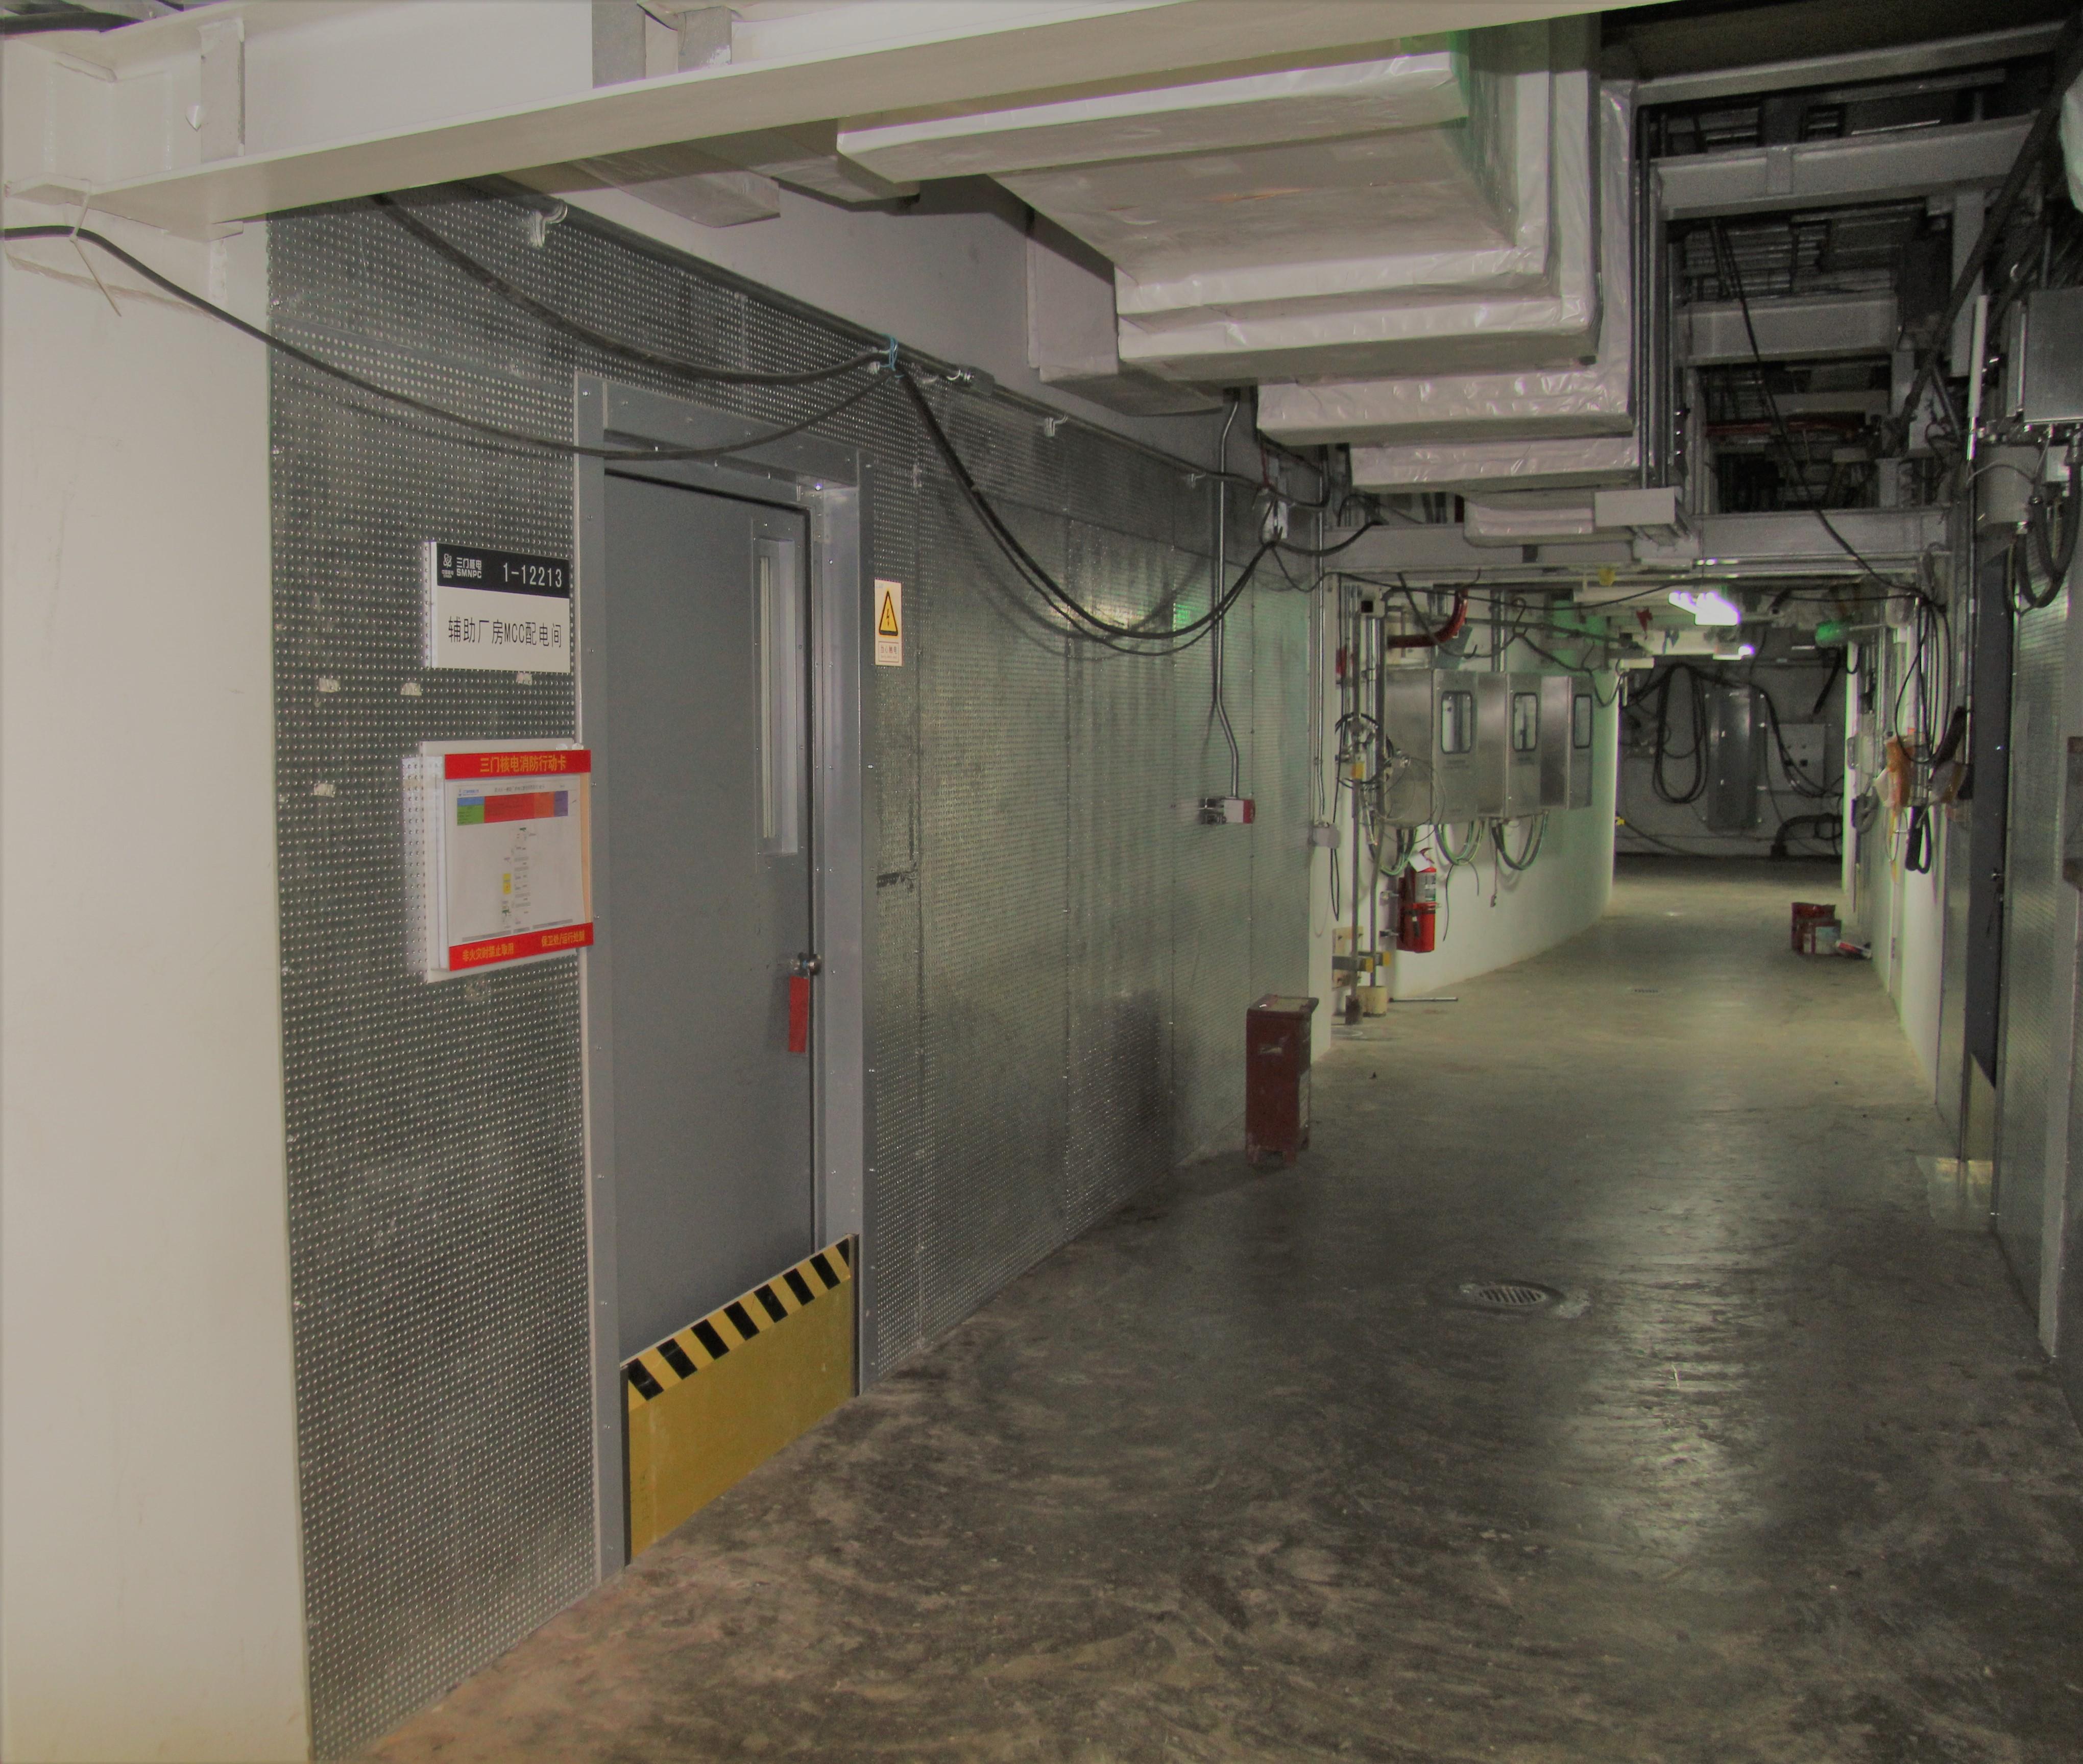 Référence Baumert AW20 Vogtle Etats-Unis, conception et fabrication systèmes décloisonnements coupe-feu, protection câbles électriques